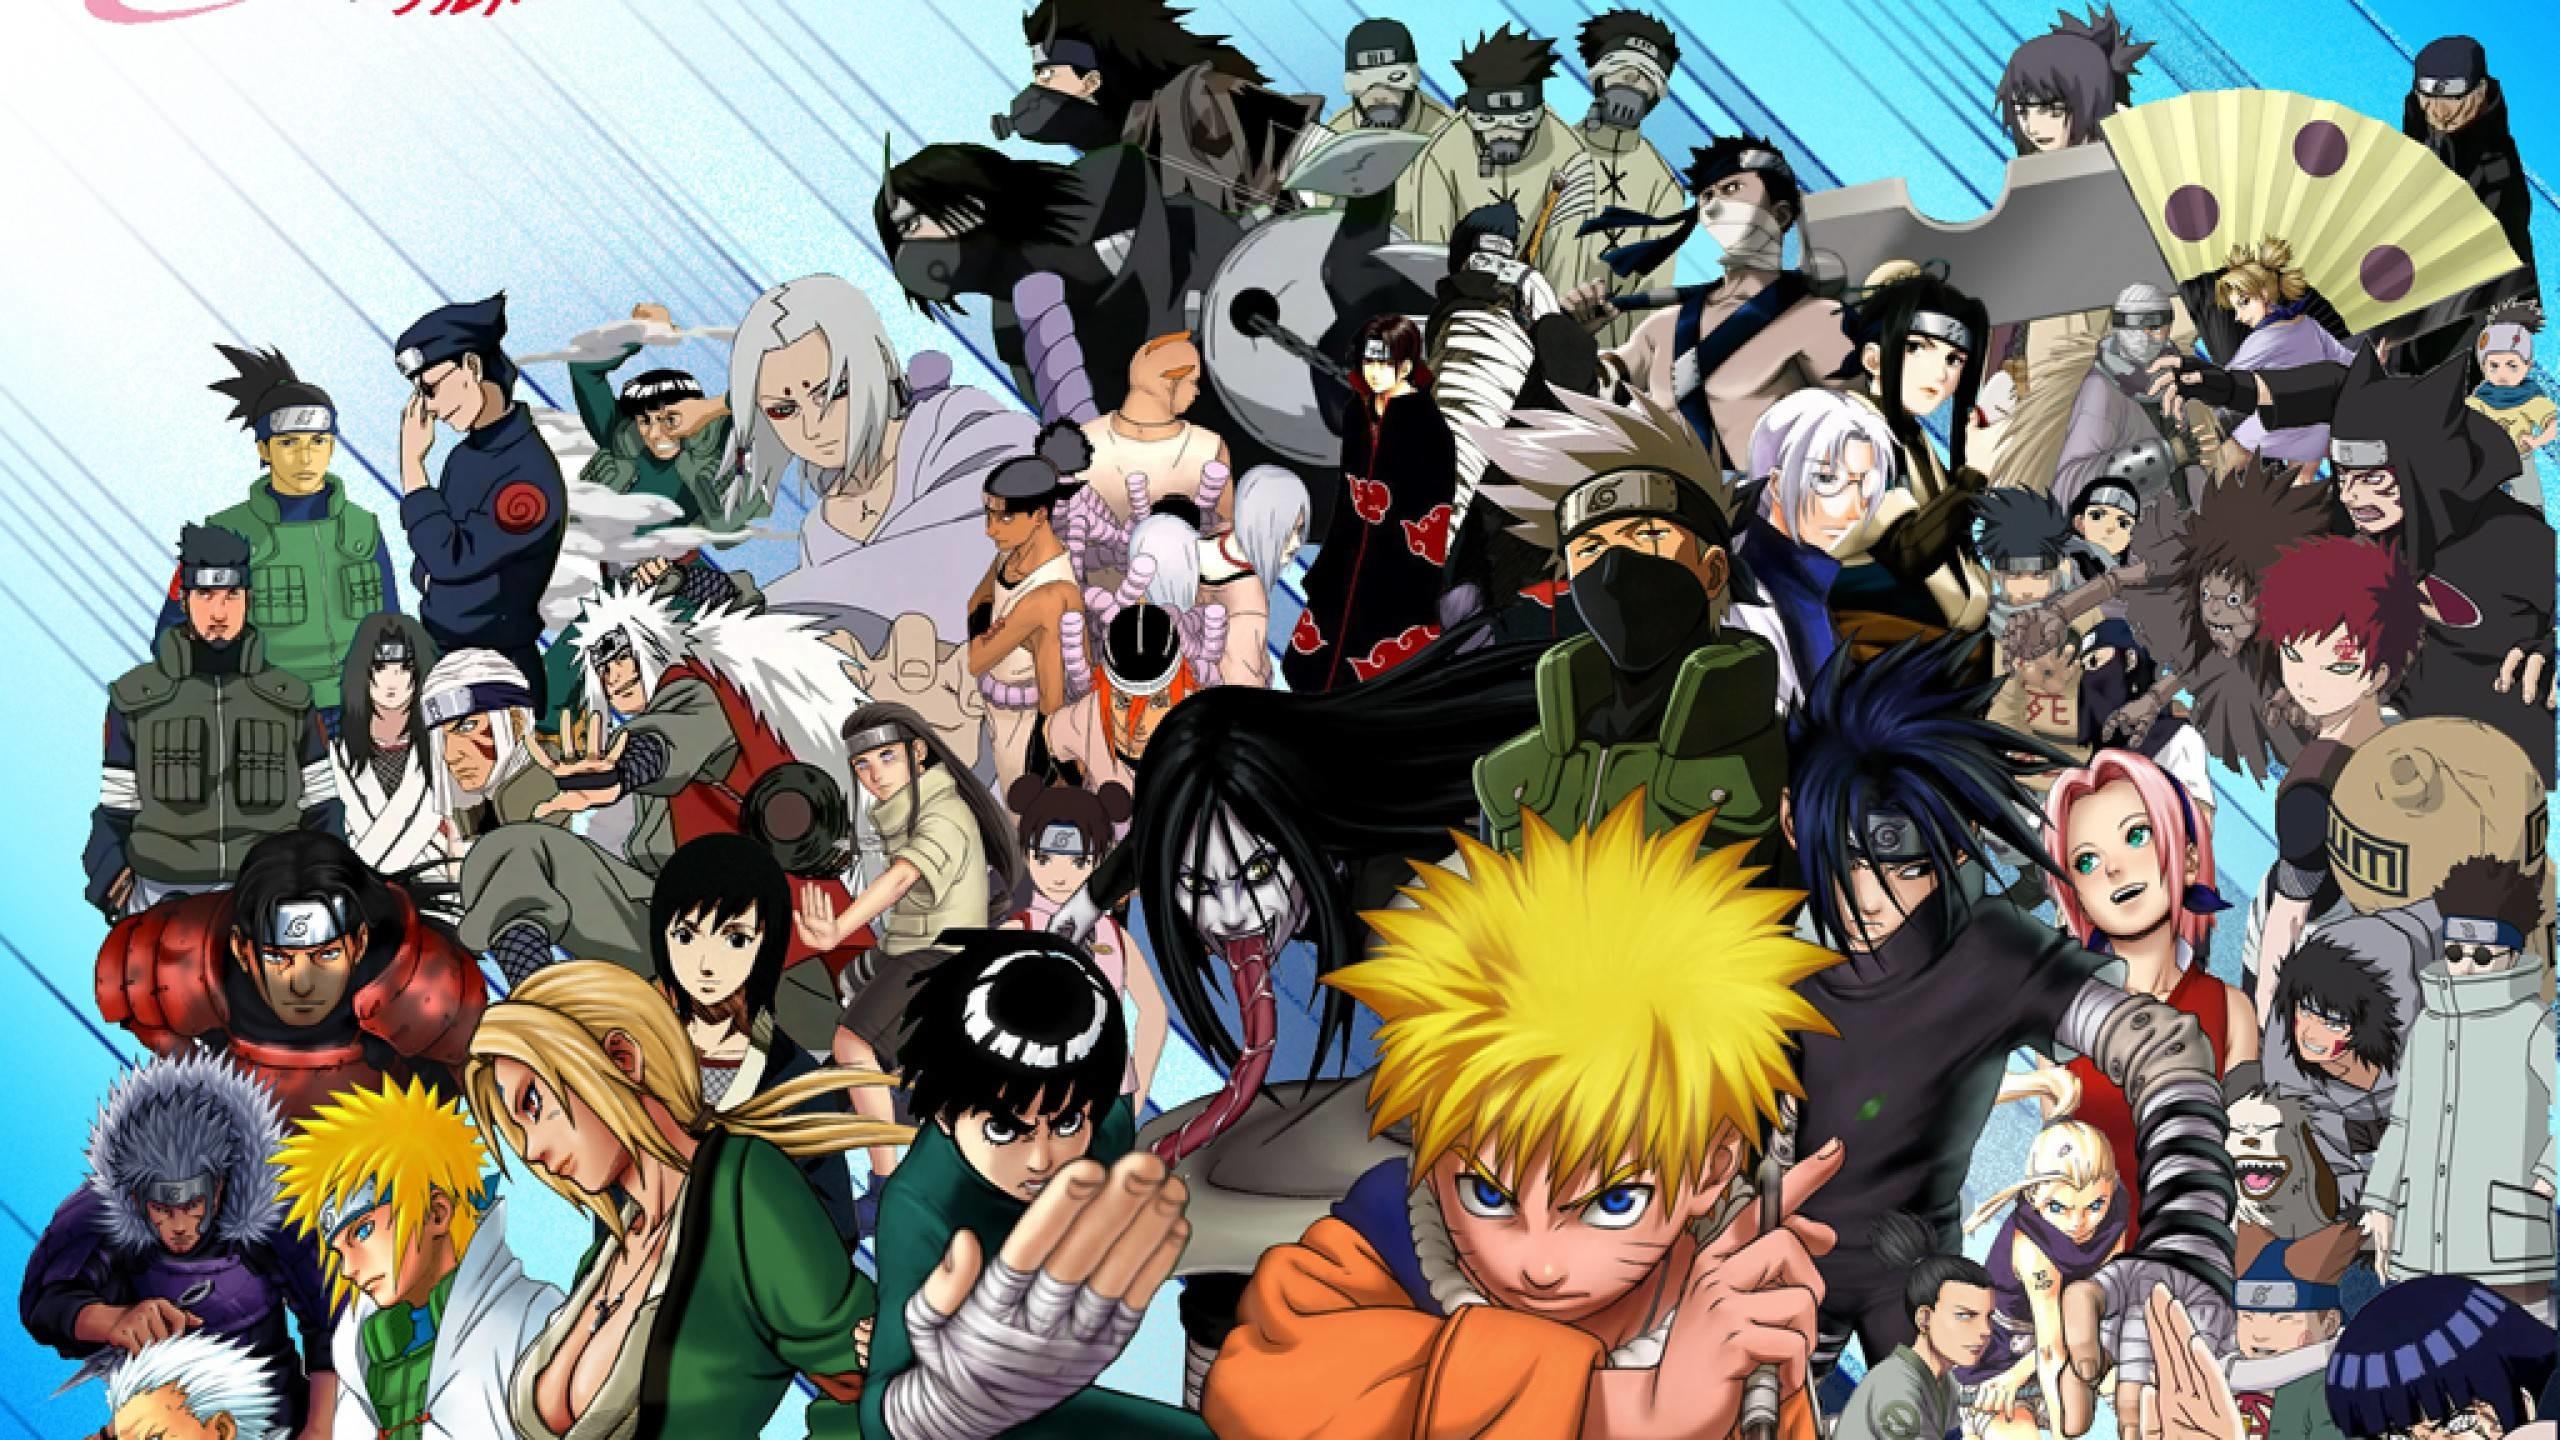 Naruto 25718 – Naruto Wallpaper